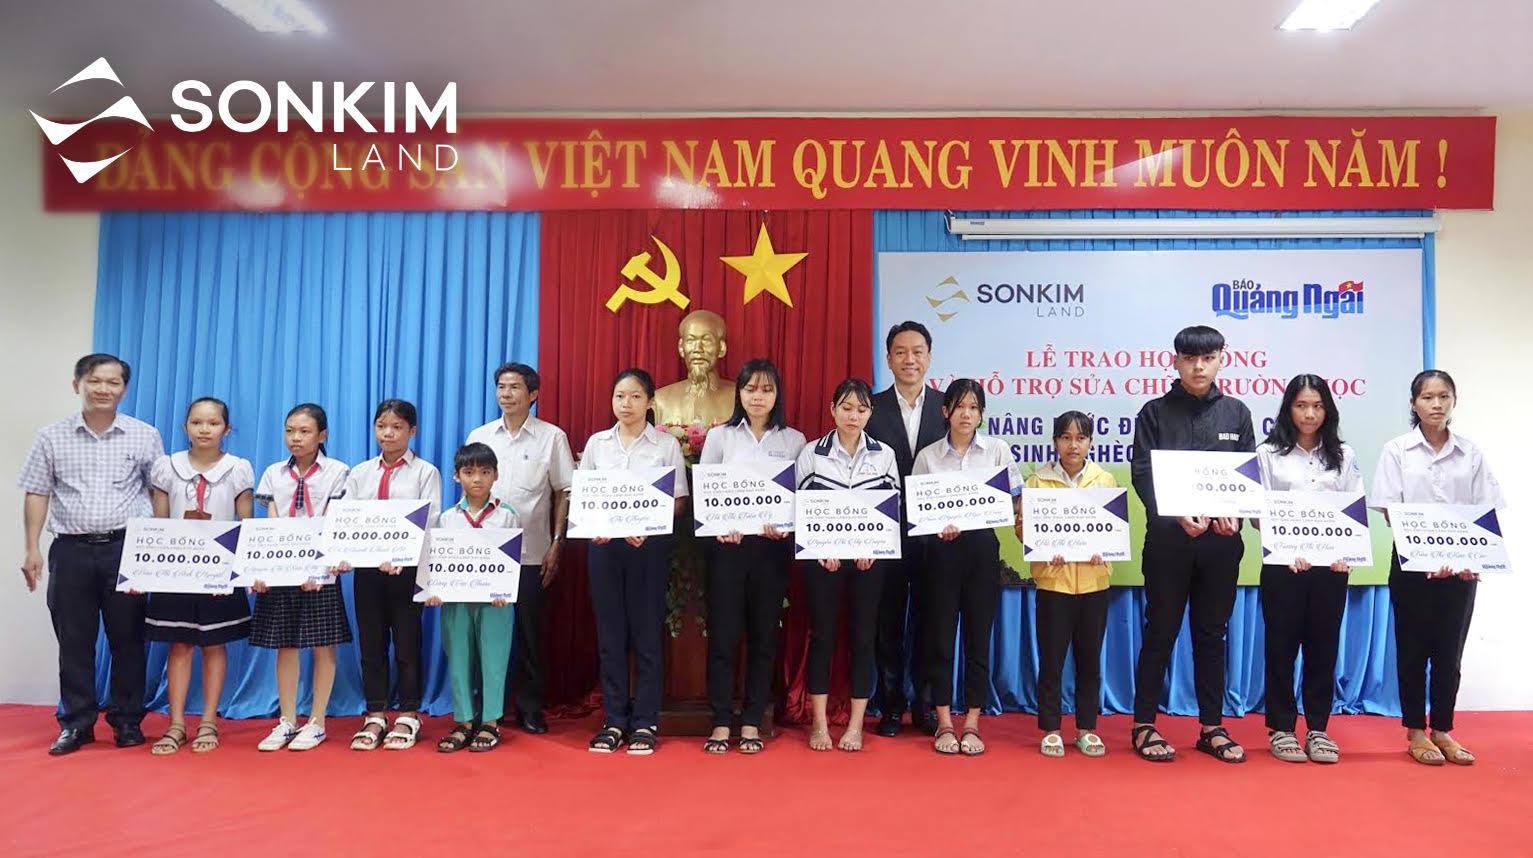 Hoài Phương, Minh Dự, Stefan Nguyễn giúp người nghèo đổi đời 4